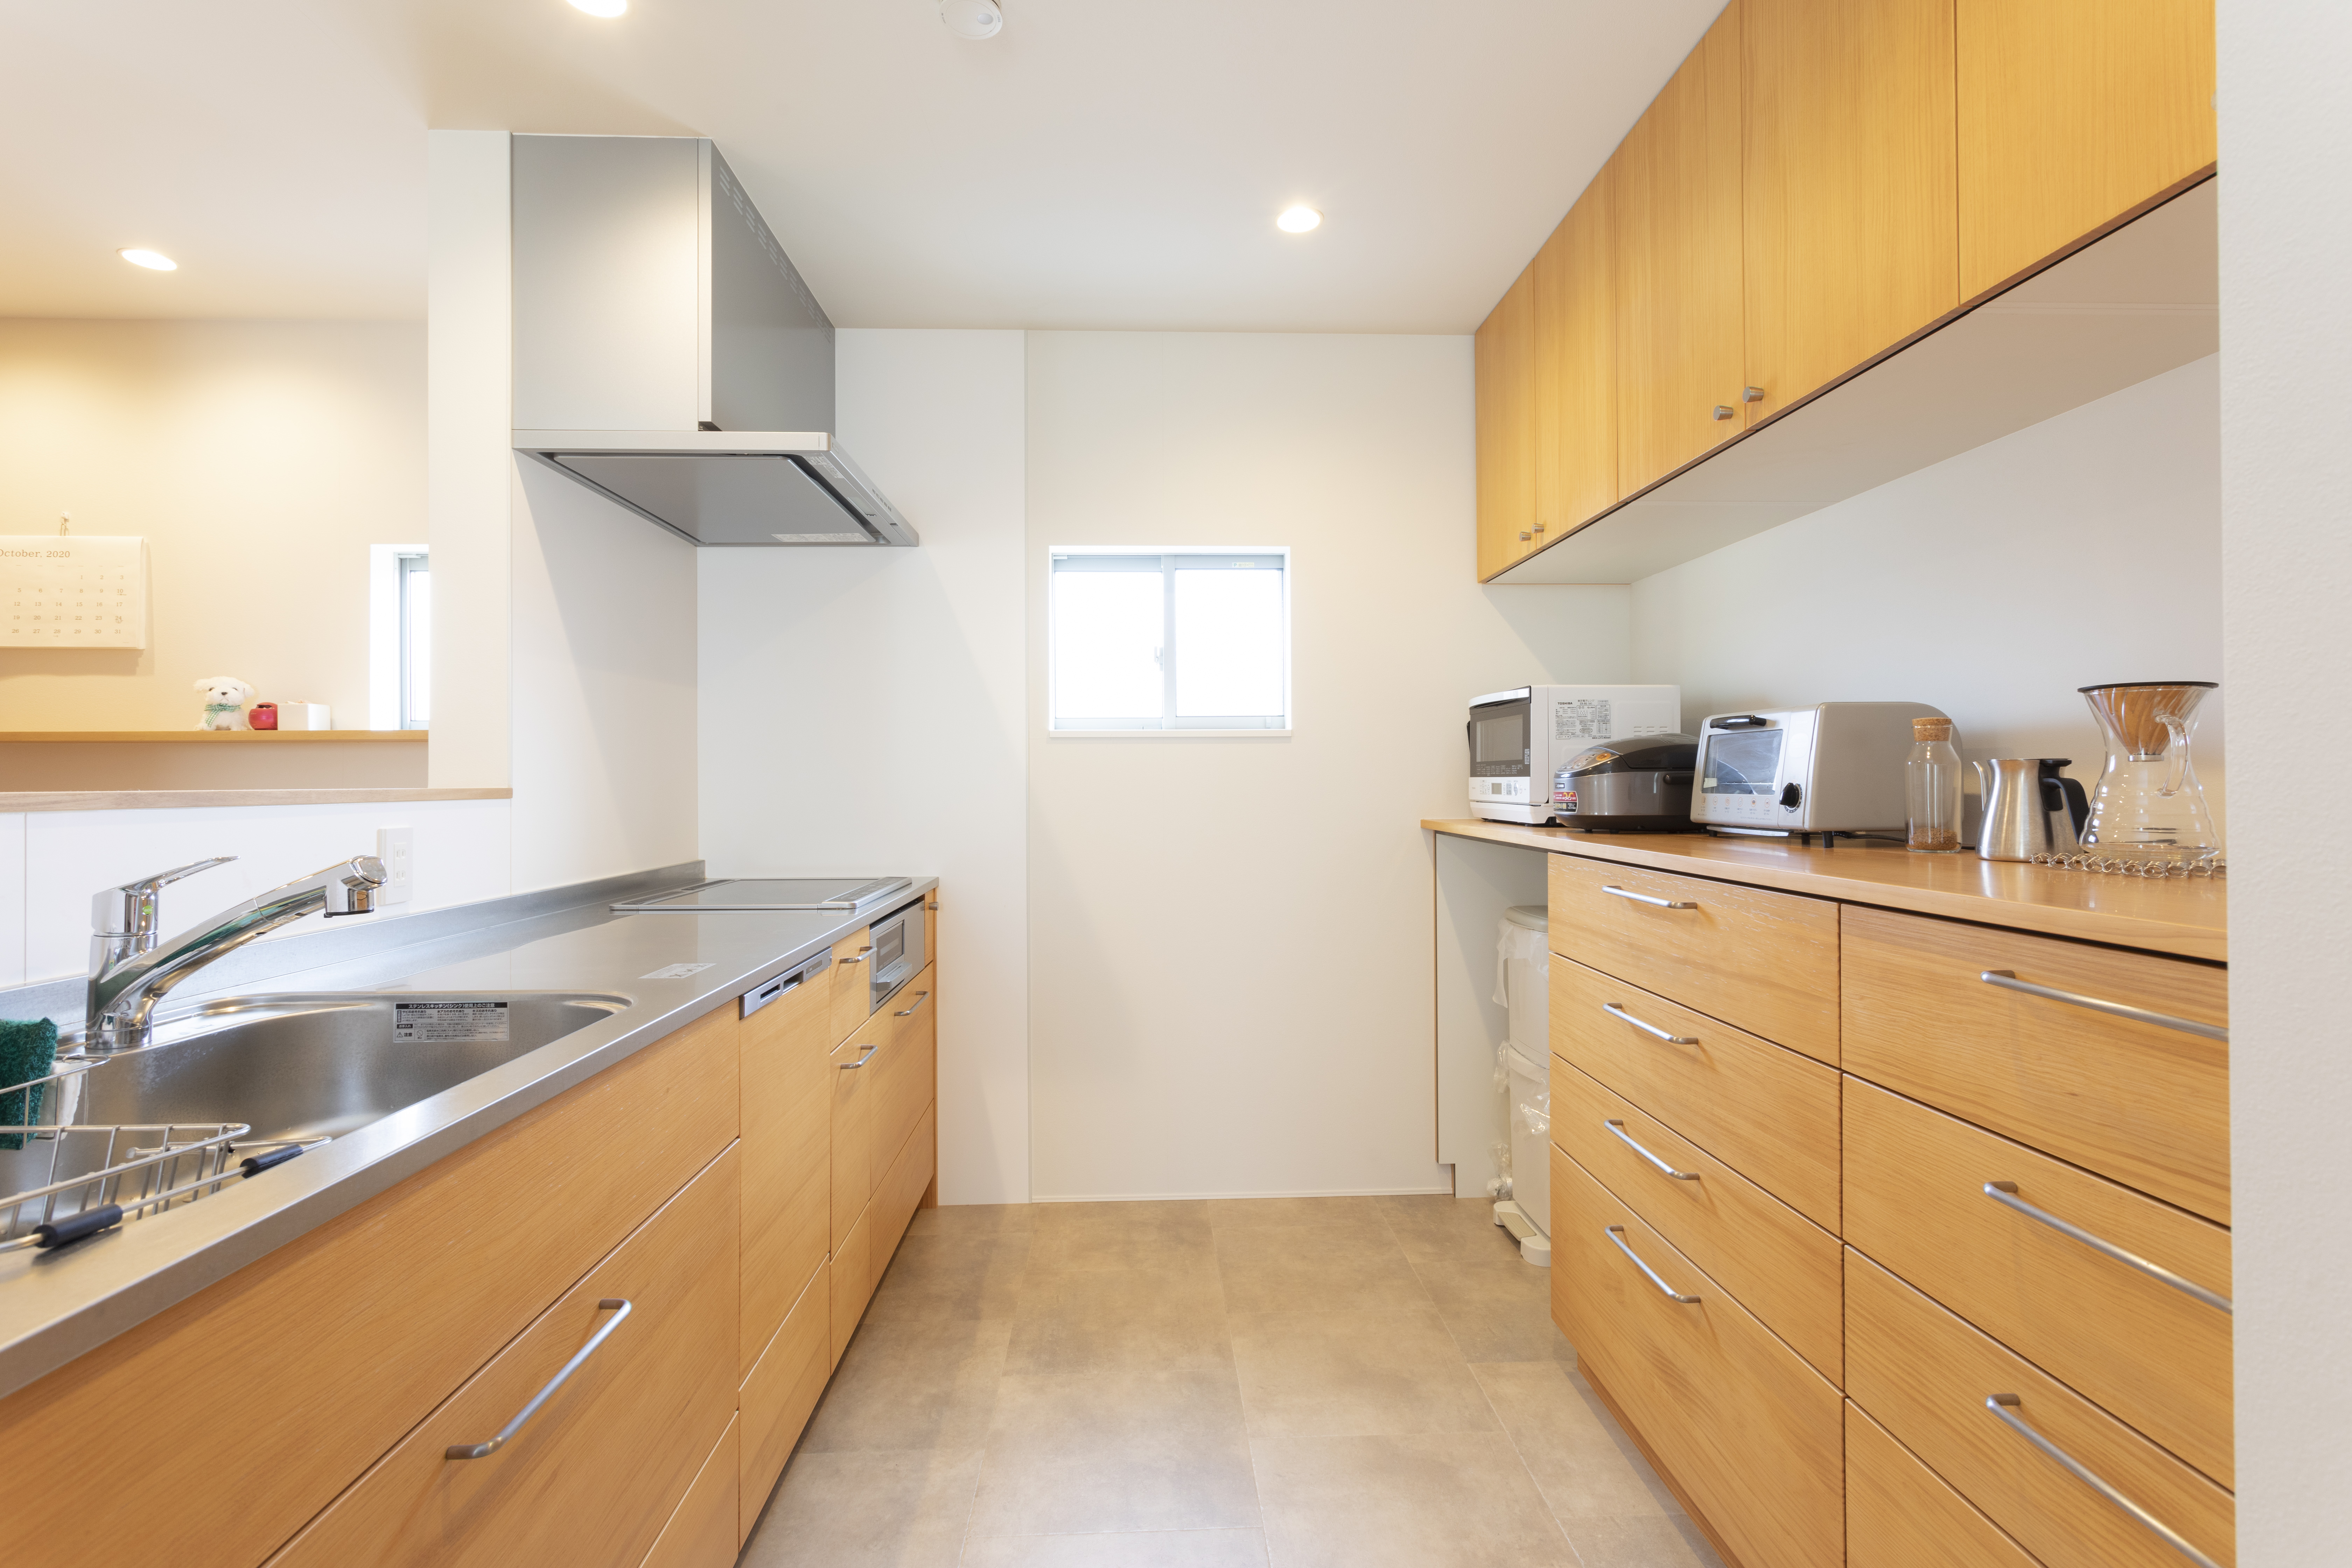 アトリエプラス【収納力、自然素材、間取り】キッチンとカップボードの間を広めに取ったことで、家族みんなで協力しながら広々と使える空間に。掃除がしやすいよう、キッチン部分の床だけ材質を変えている。